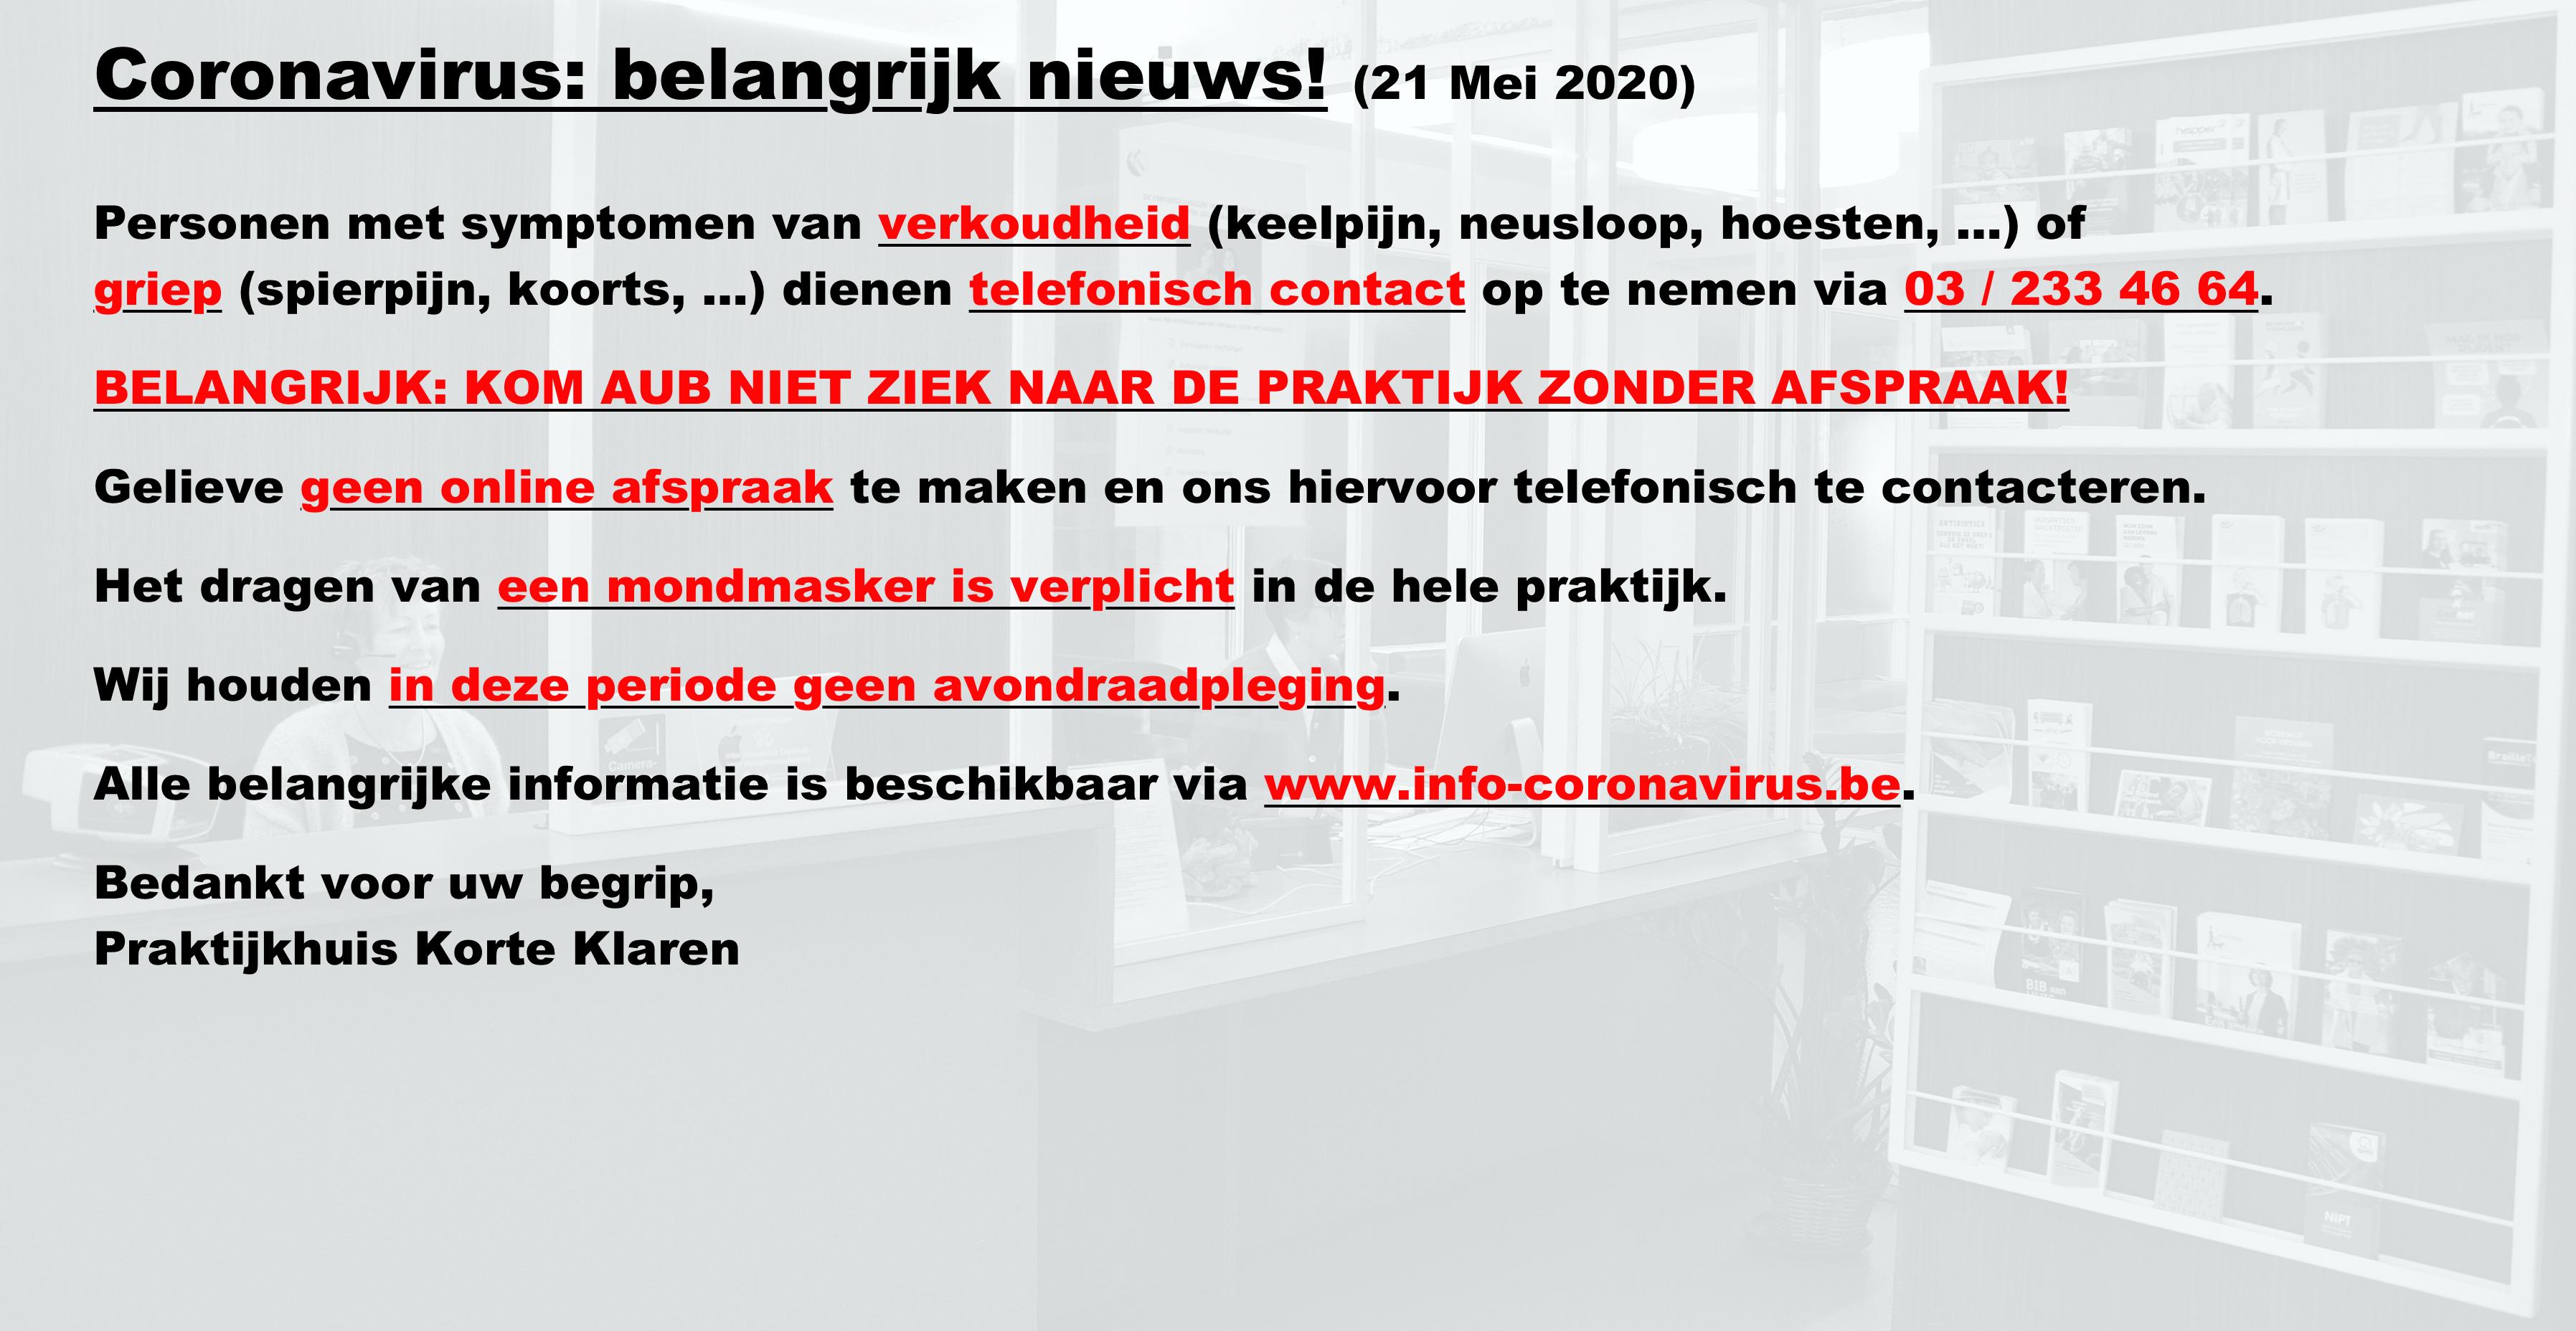 20200521_KOKLA_CORONAVIRUS_BELANGRIJK_NIEUWS